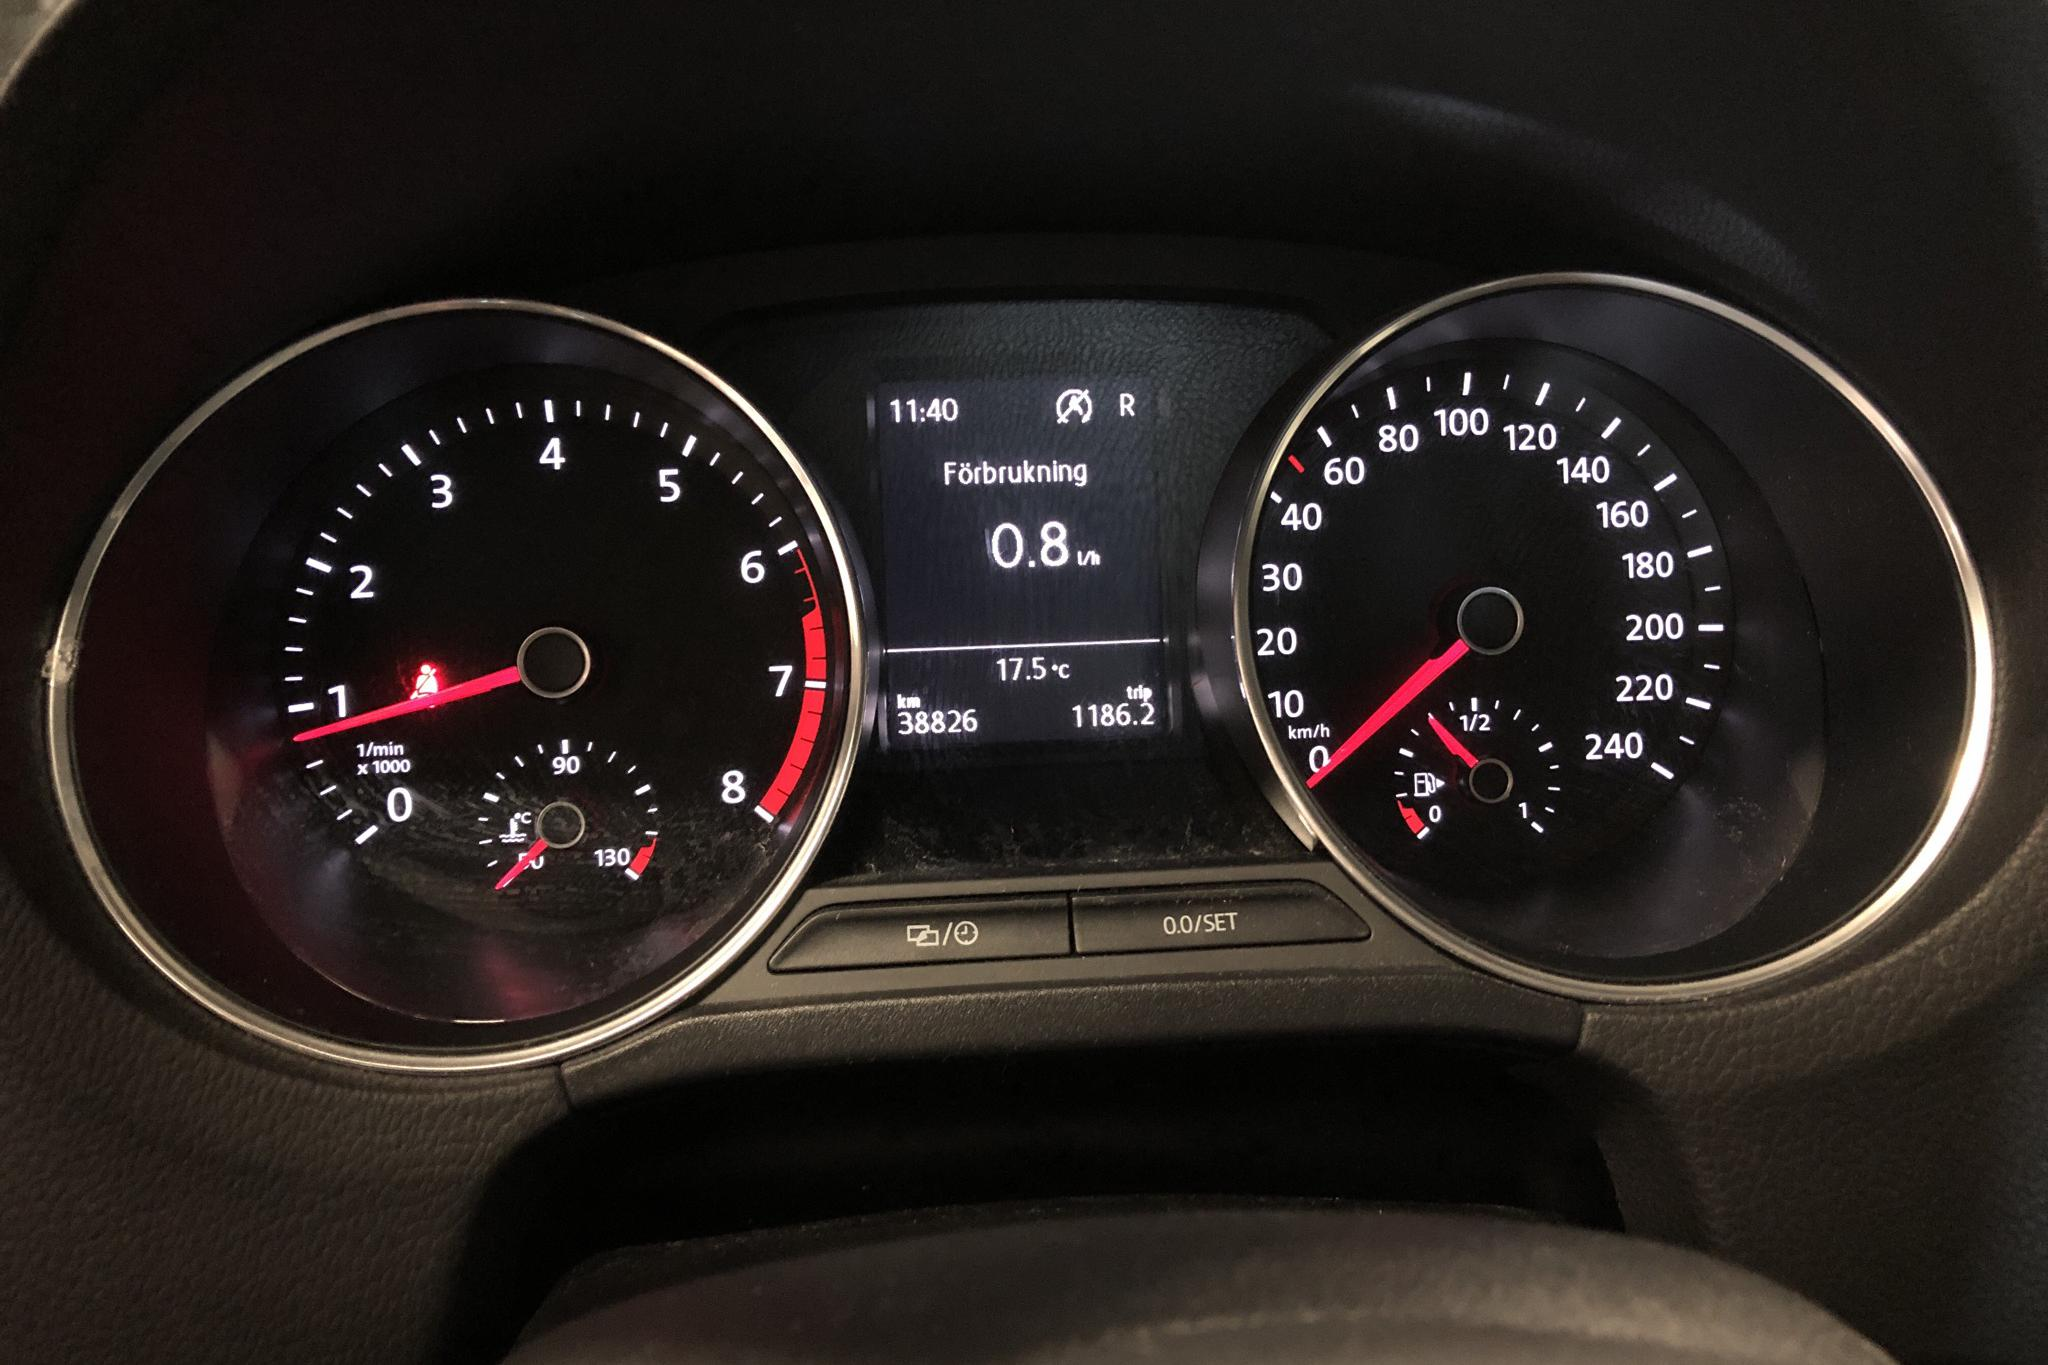 VW Polo 1.2 TSI 5dr (90hk) - 38 830 km - Automatic - white - 2017